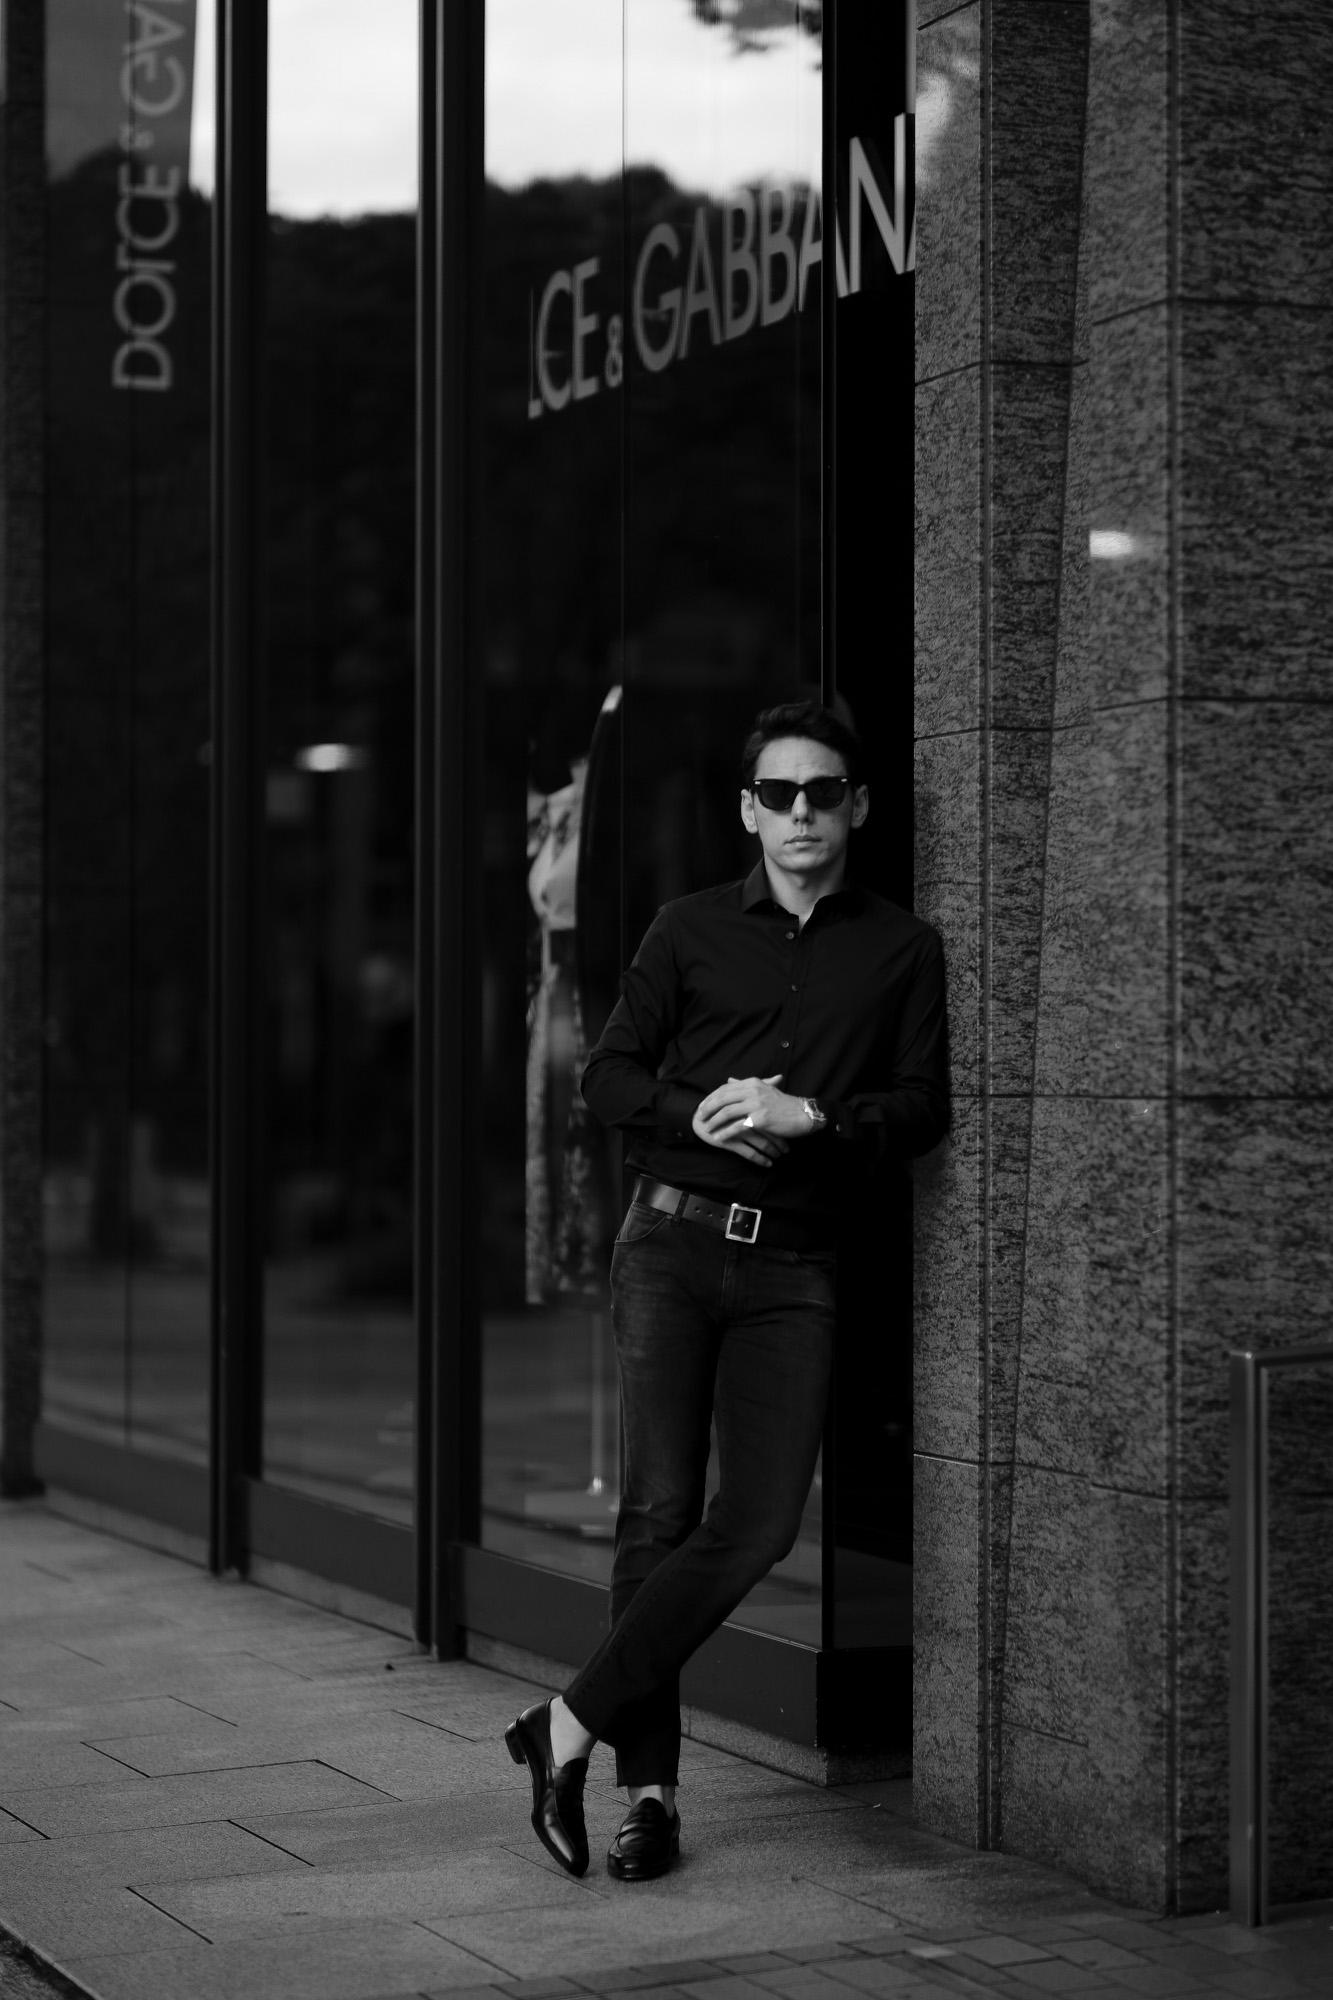 FIXER (フィクサー) FST-01(エフエスティー01) Broad Dress Shirts ストレッチコットン ブロード シャツ BLACK (ブラック) 【ご予約開始します】【2021.7.24(Sat)~2021.8.08(Sun)】愛知 名古屋 Alto e Diritto altoediritto アルトエデリット 黒シャツ ブラックシャツ